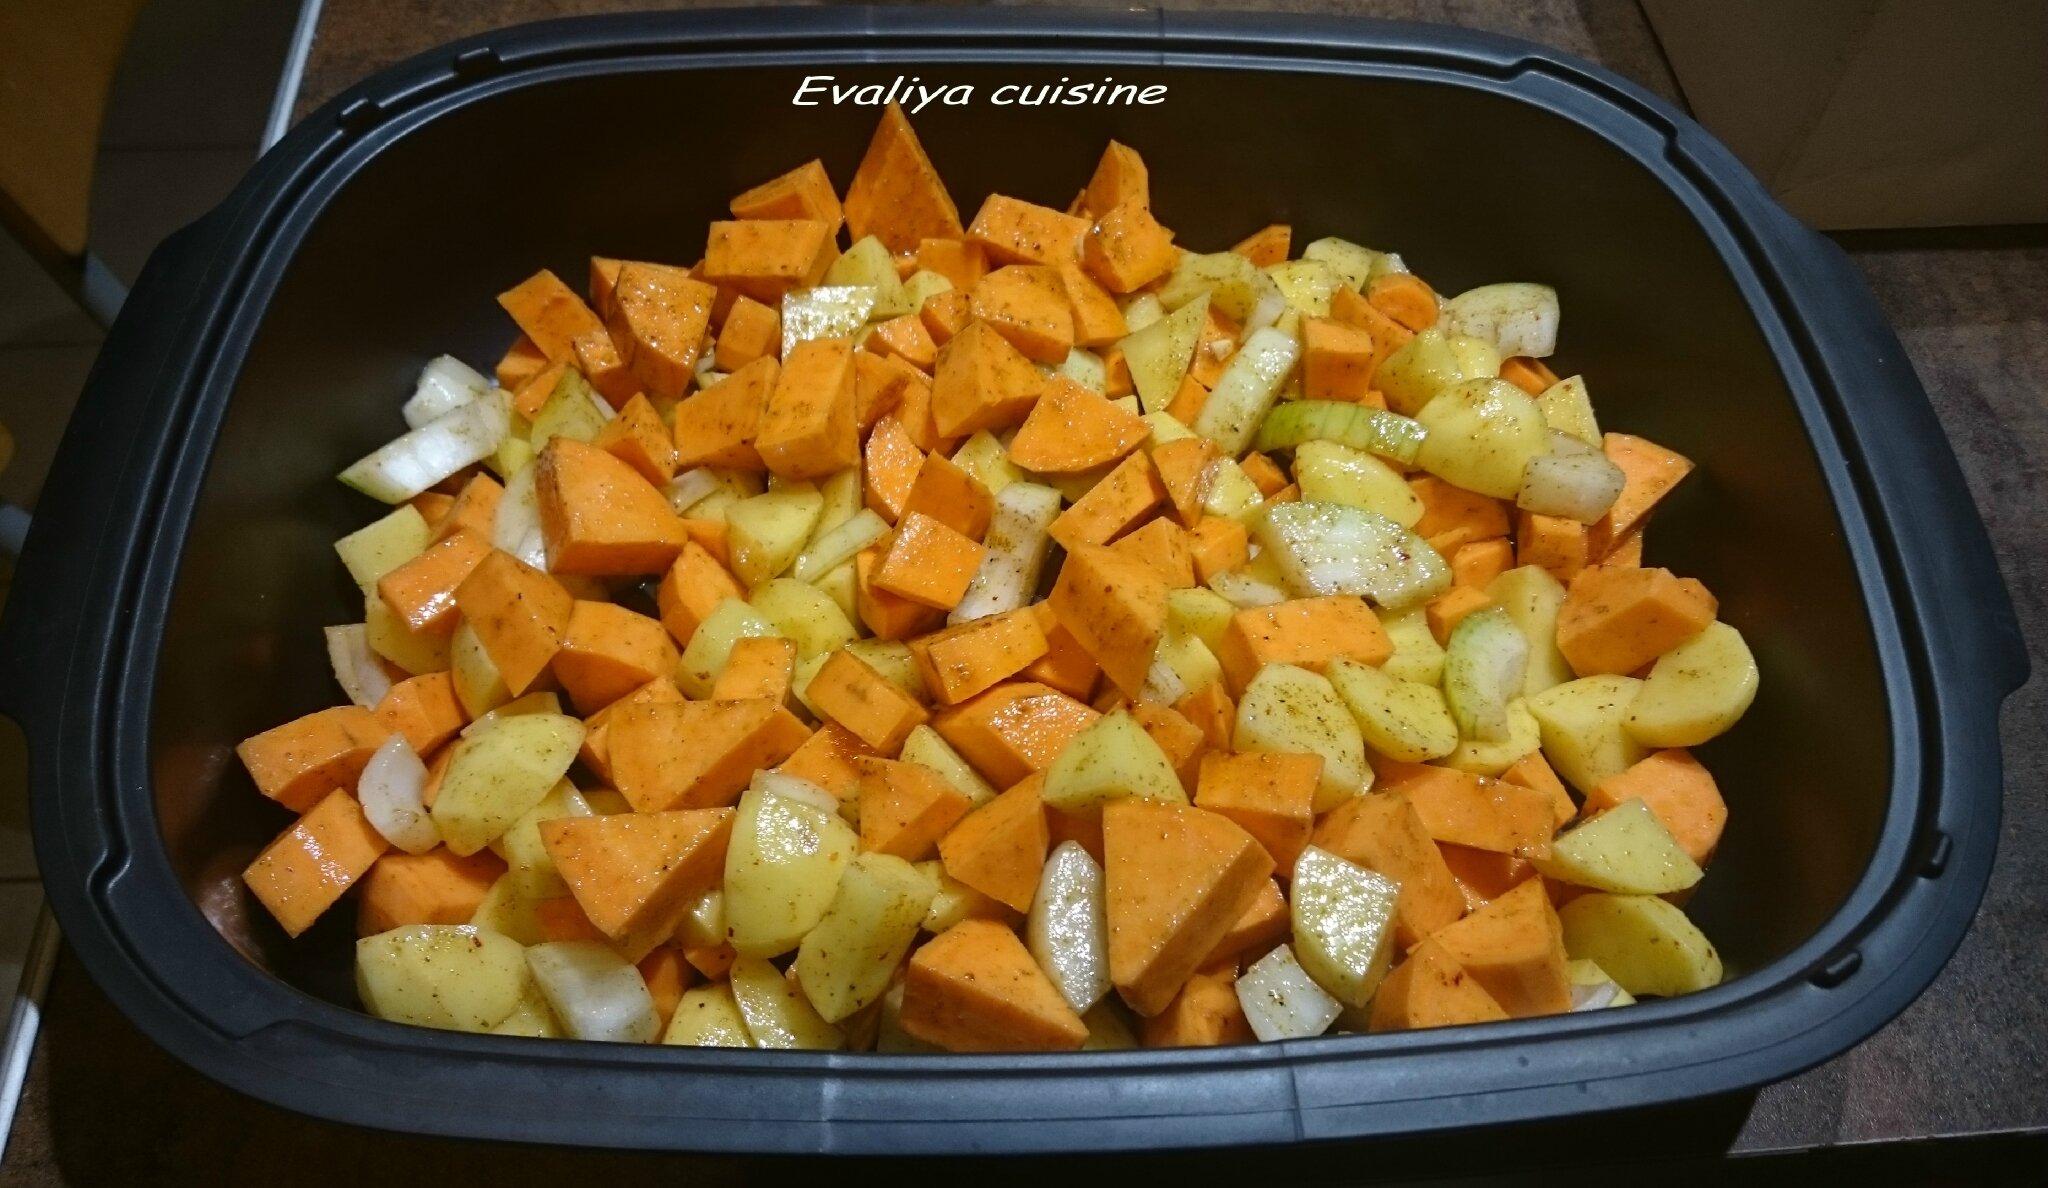 Pommes de terre tous les messages sur pommes de terre evaliya cuisine - Bouture de patate douce ...